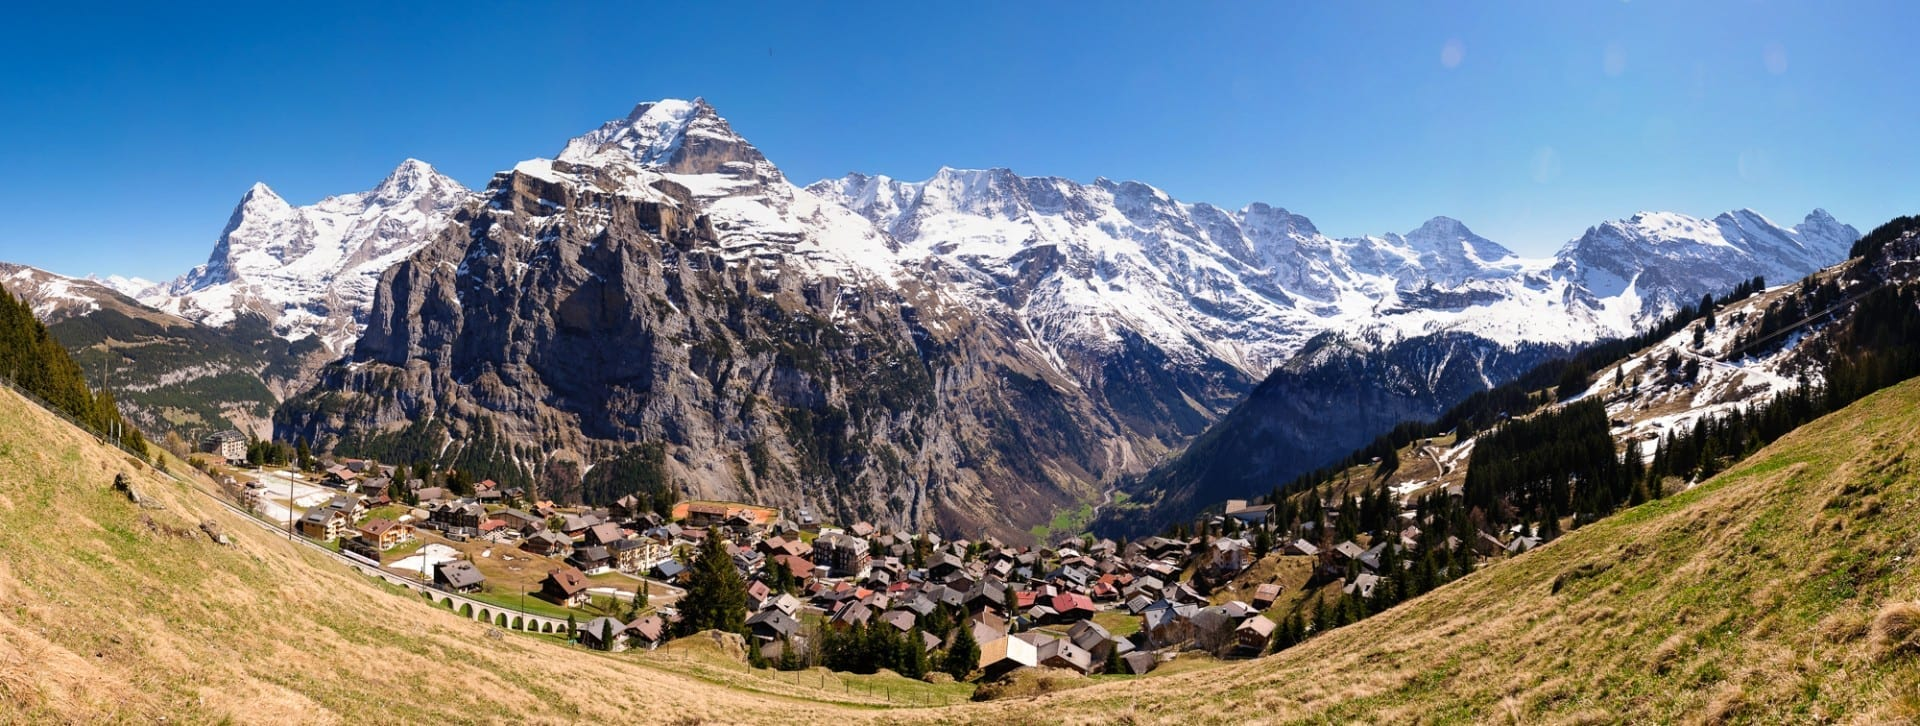 Mürren Vista Mürren - Schilthorn Suiza